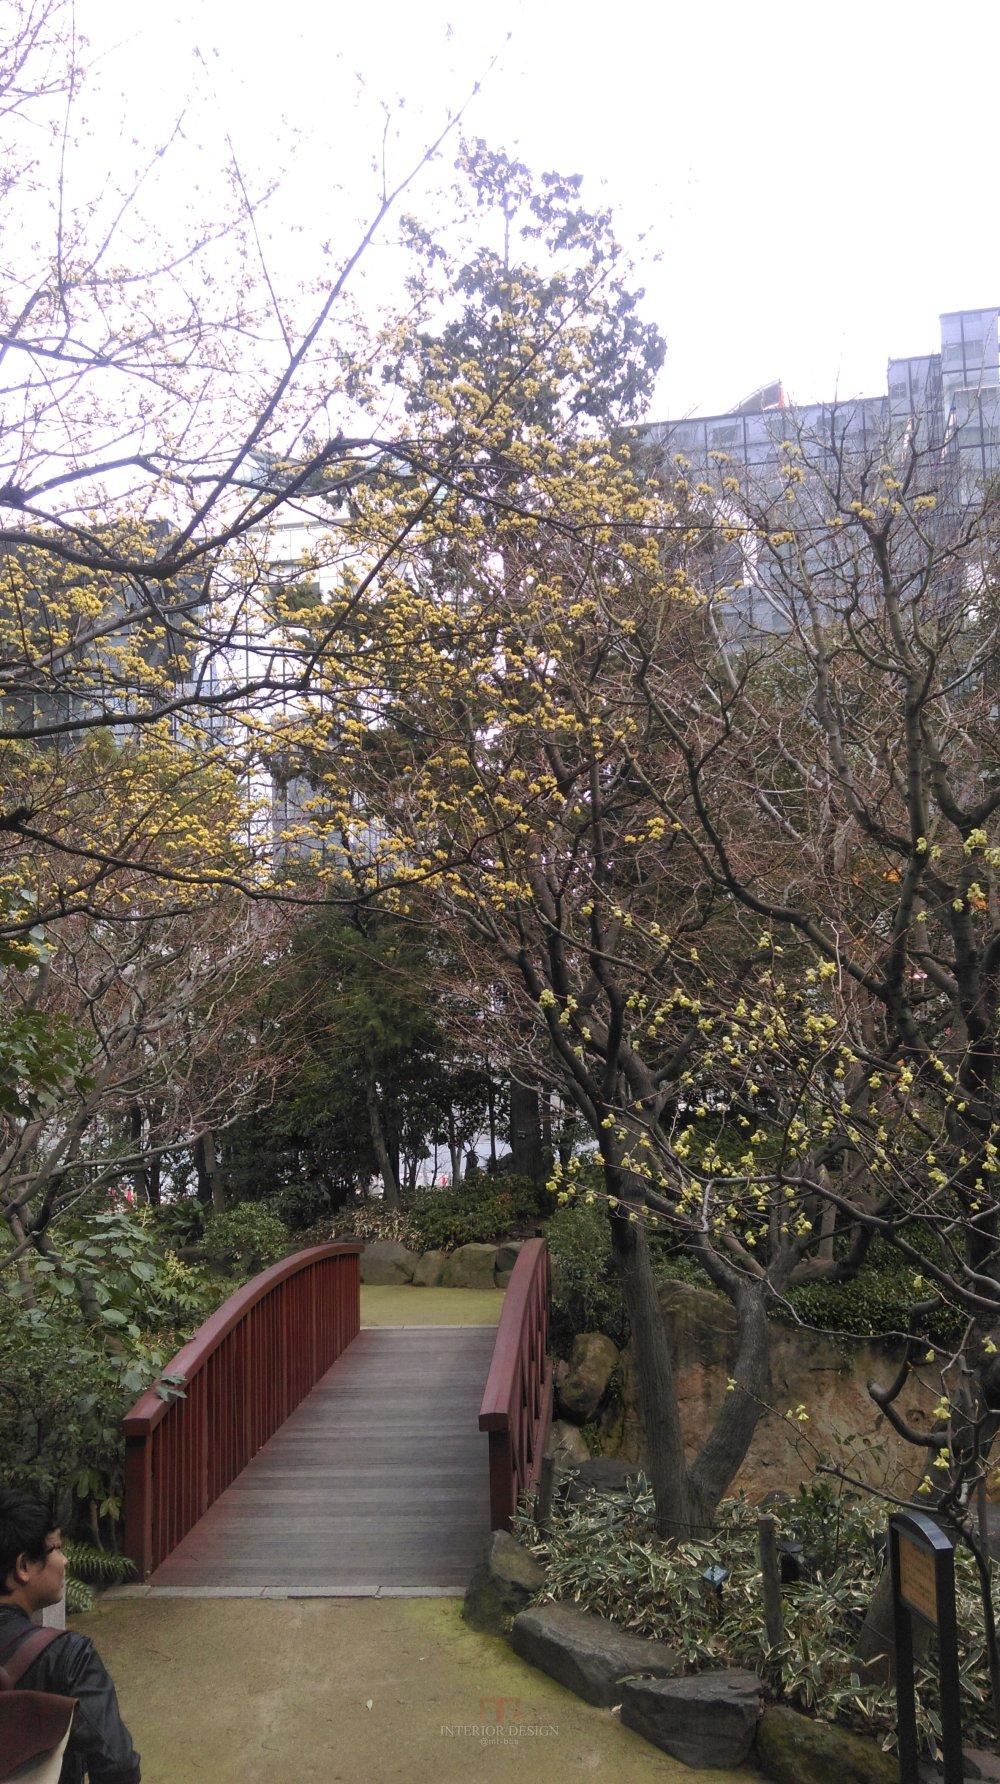 #伙伴一起看日本#  日本设计考察分享(更新美秀美术馆)_IMAG8242.jpg